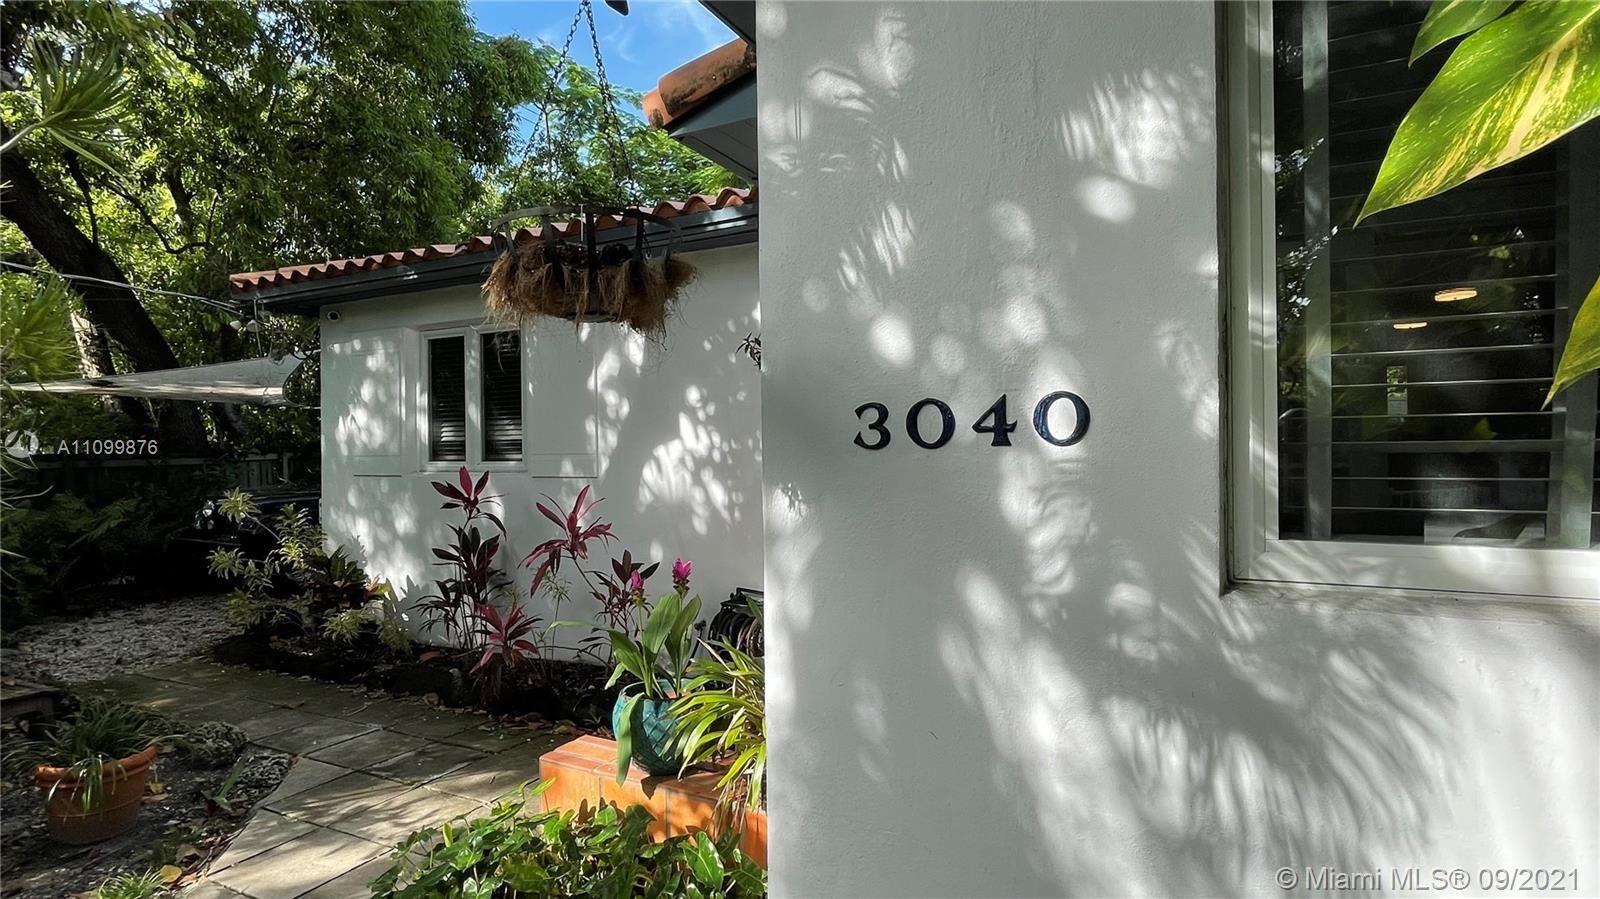 3040 Aviation Ave, Miami, FL 33133 - #: A11099876